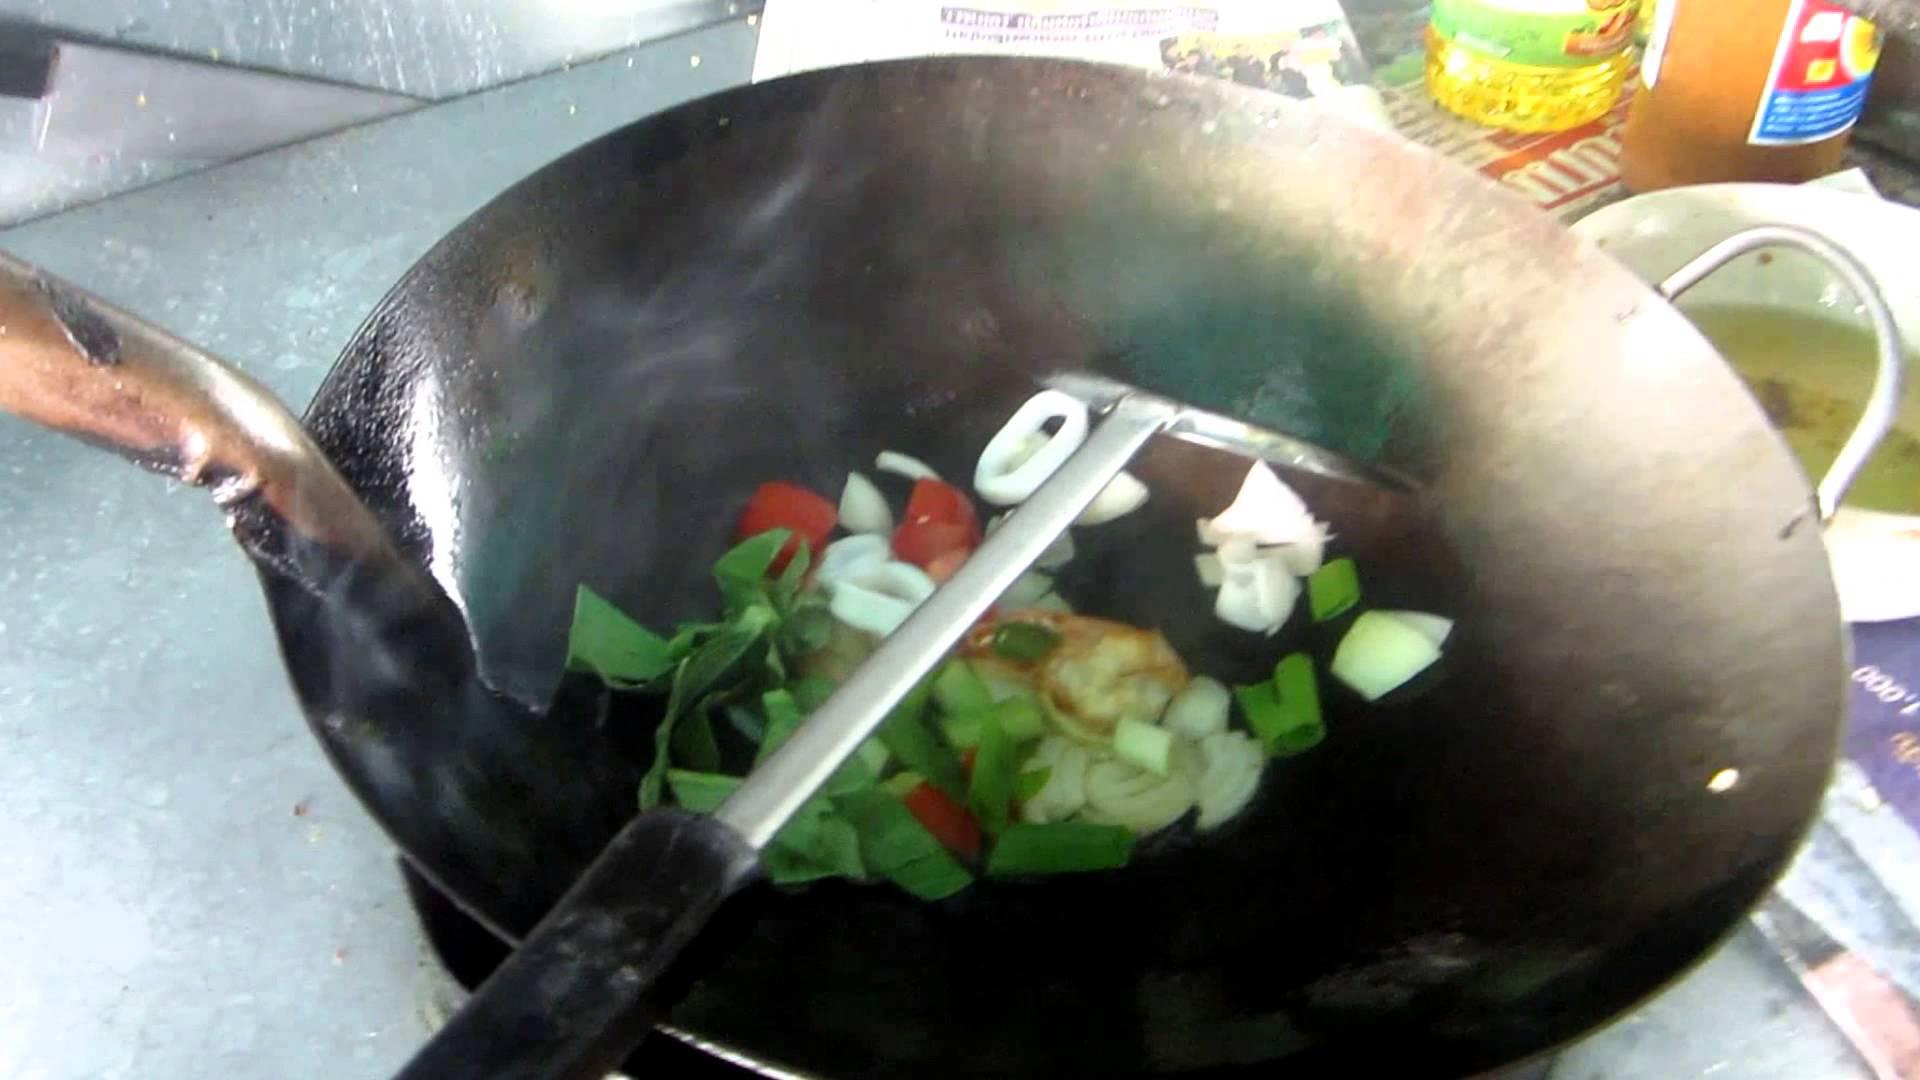 Arroz Com Frutos Do Mar Recipes   Khao Pad Talay   Thai Seafood Fried Rice Recipe   Regional Cooking